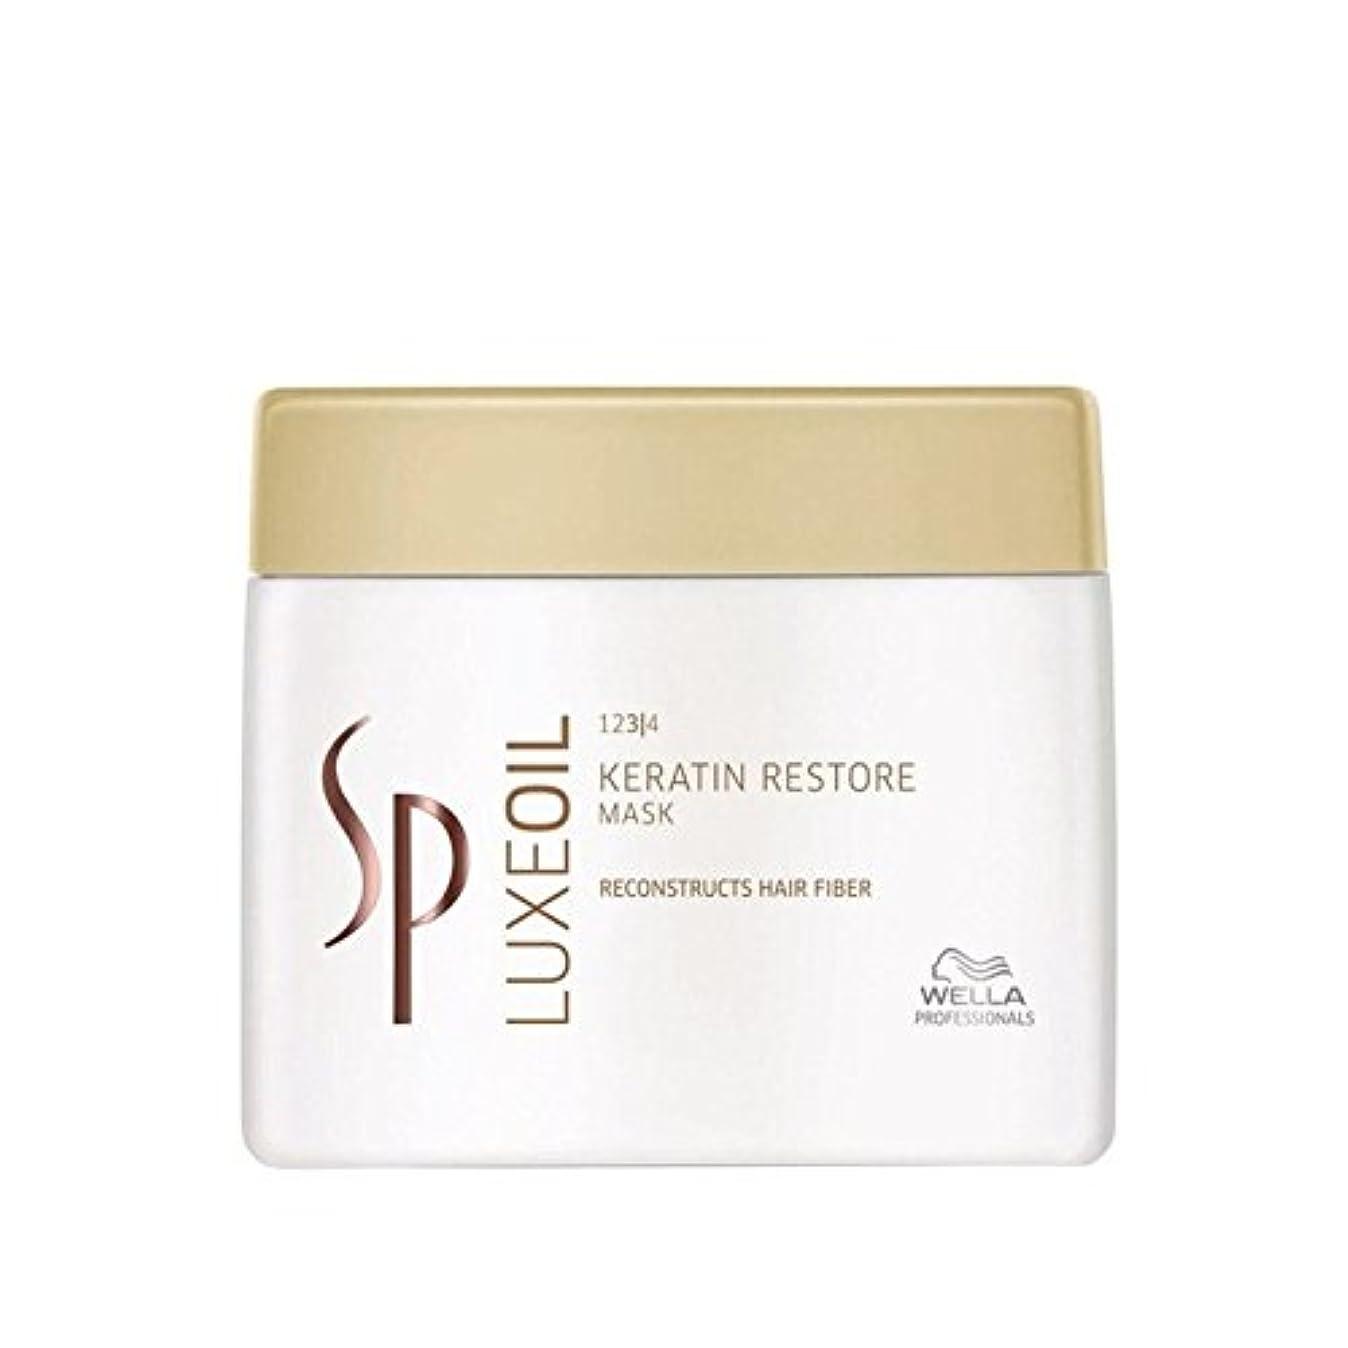 ウエラ ケラチン髪のマスクを復元(400ミリリットル) x4 - Wella Sp Luxeoil Keratin Restore Hair Mask (400ml) (Pack of 4) [並行輸入品]